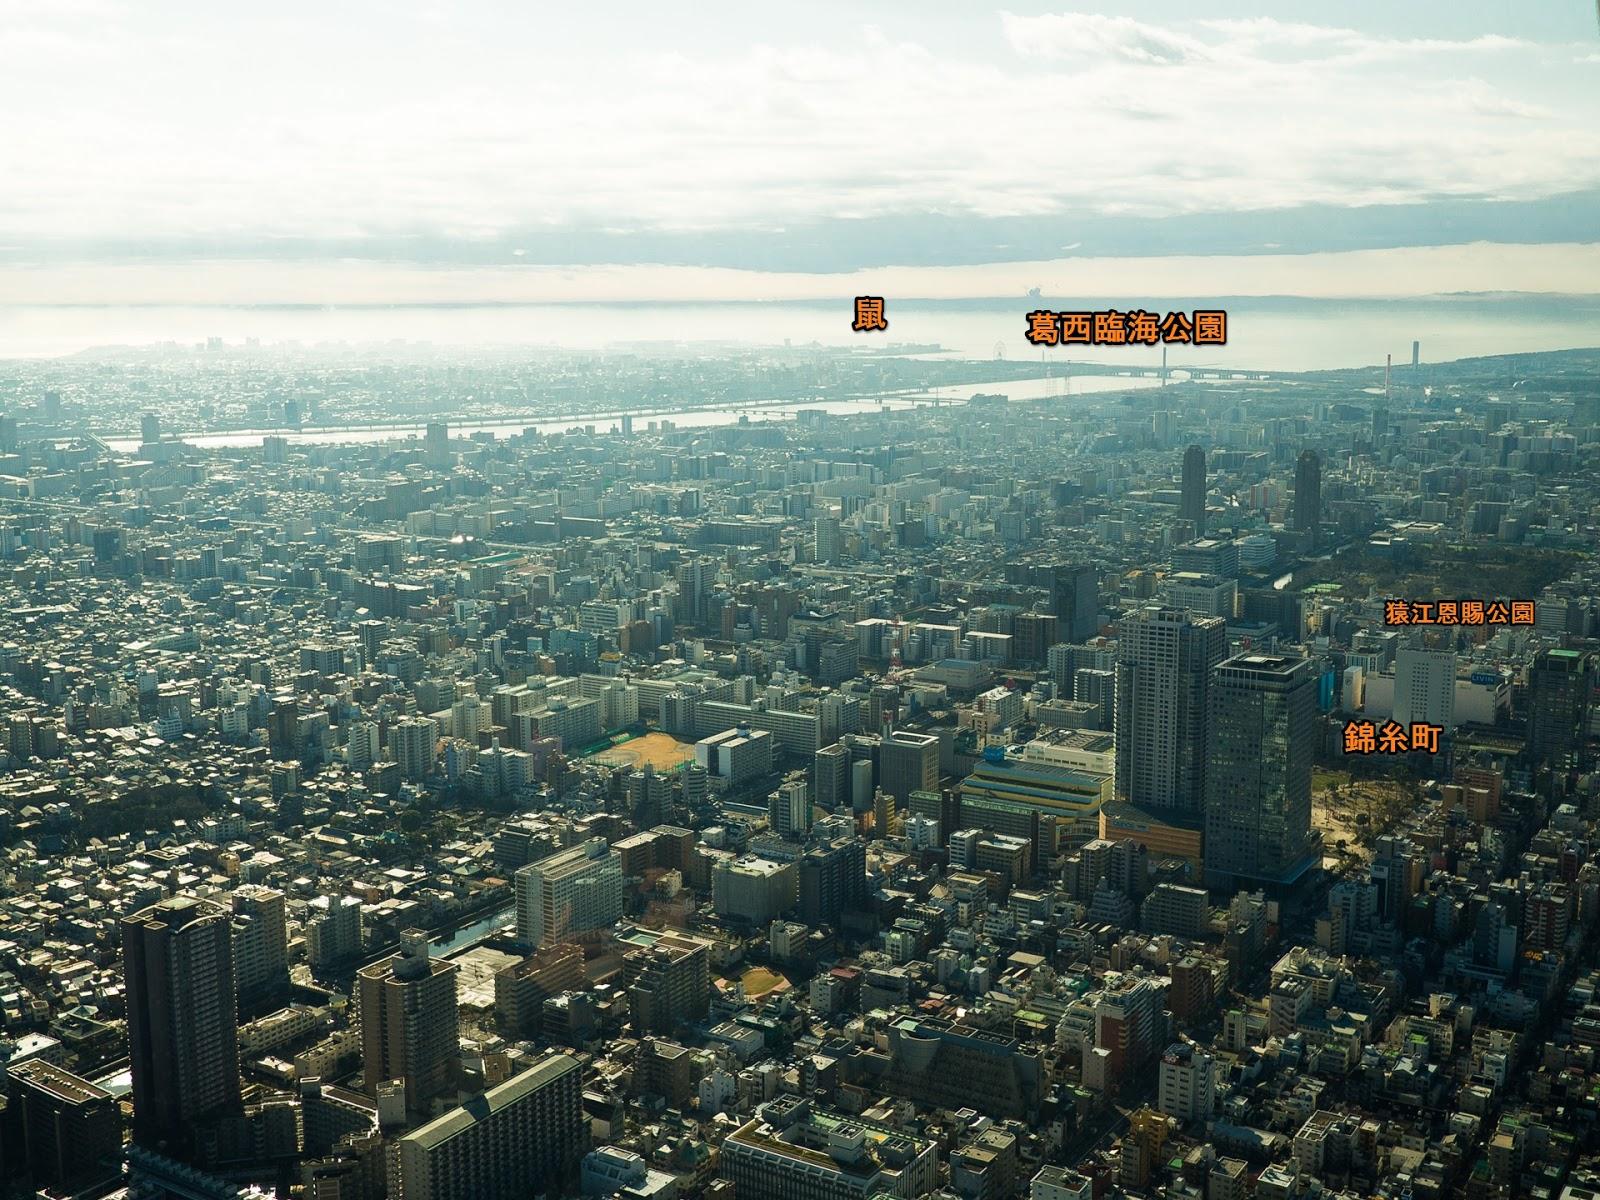 東京スカイツリー展望デッキから、南東方面(葛西方面)の風景